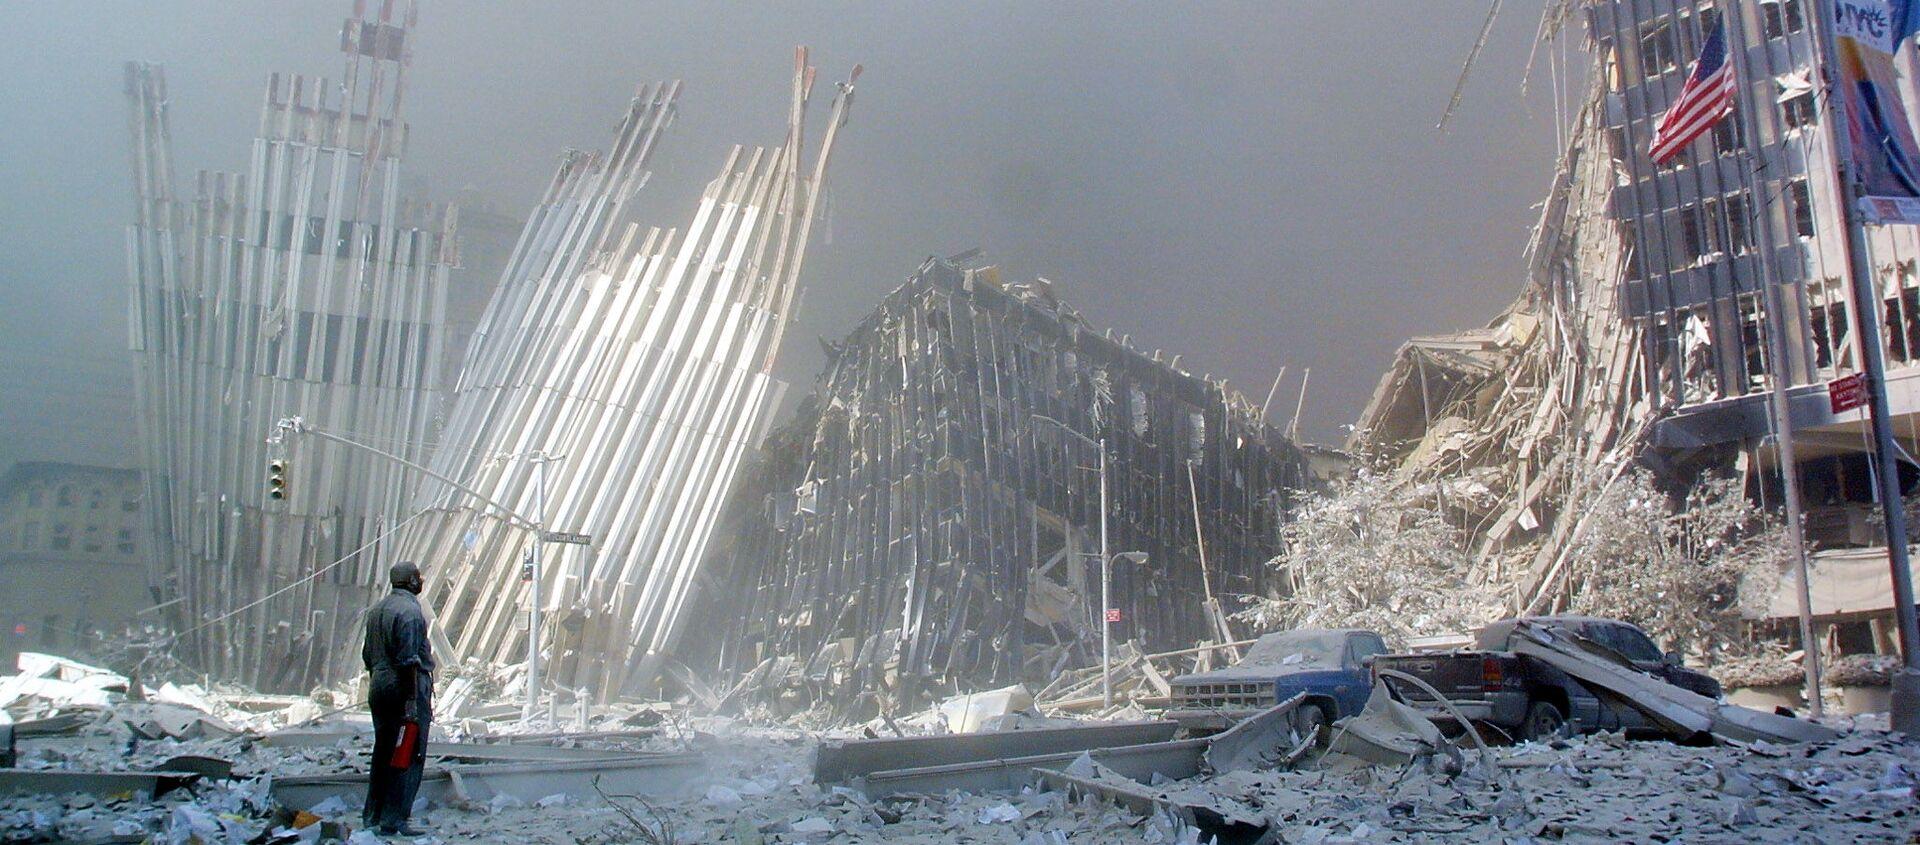 Човек на рушевинама Светског трговинског центра у Њујорку након терористичког напада 11. септембра 2001. године. - Sputnik Србија, 1920, 14.09.2019